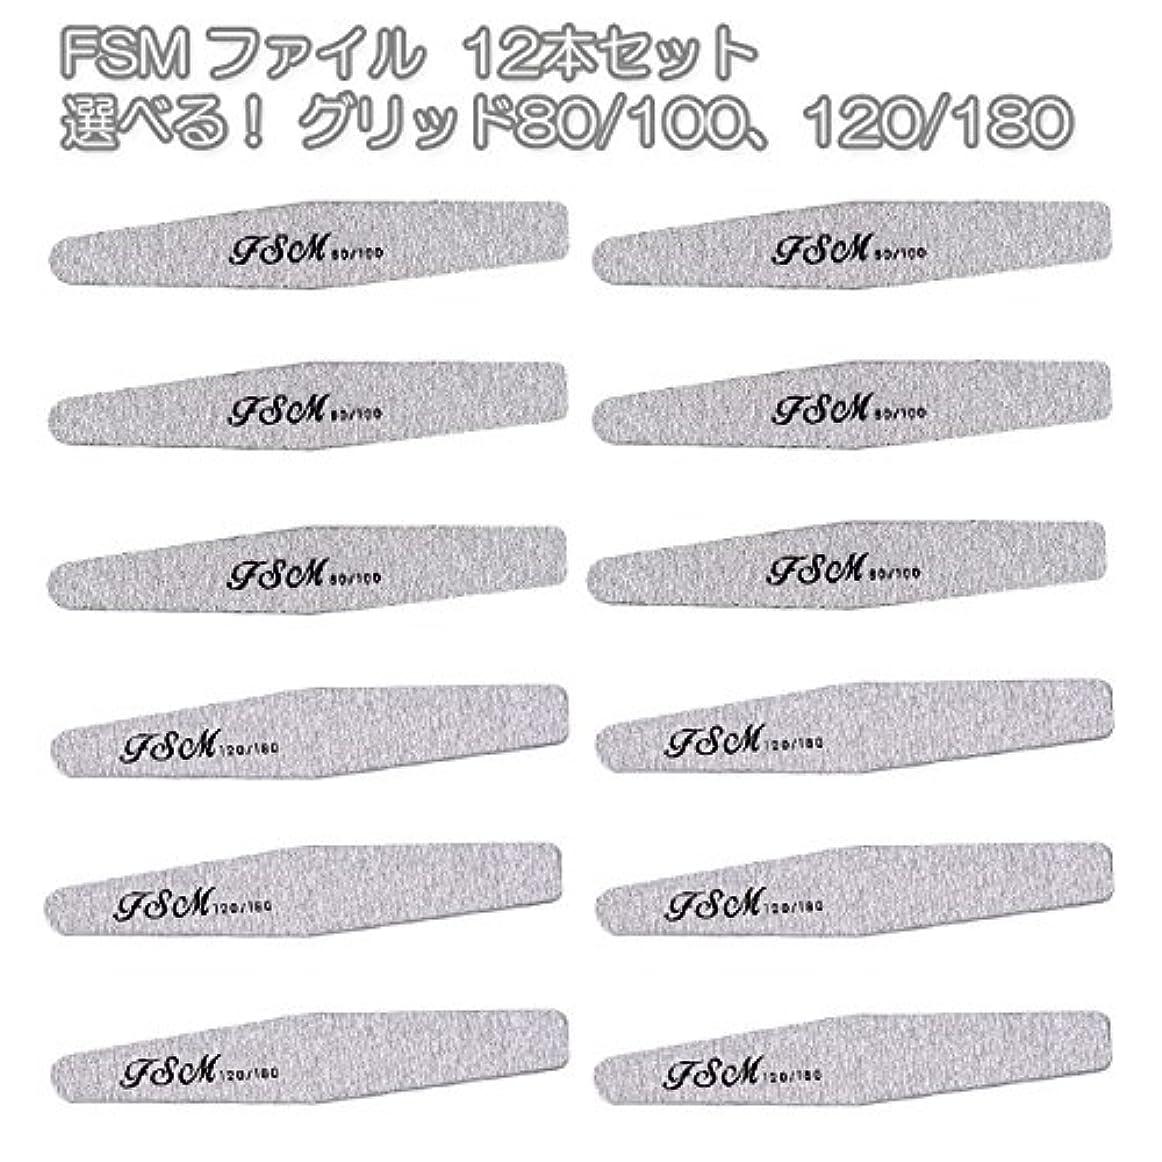 増幅引き出すバタフライFSM ネイルファイル/バッファー12本セット(選べる!グリッド80/100、120/180) (G80/100の12本)